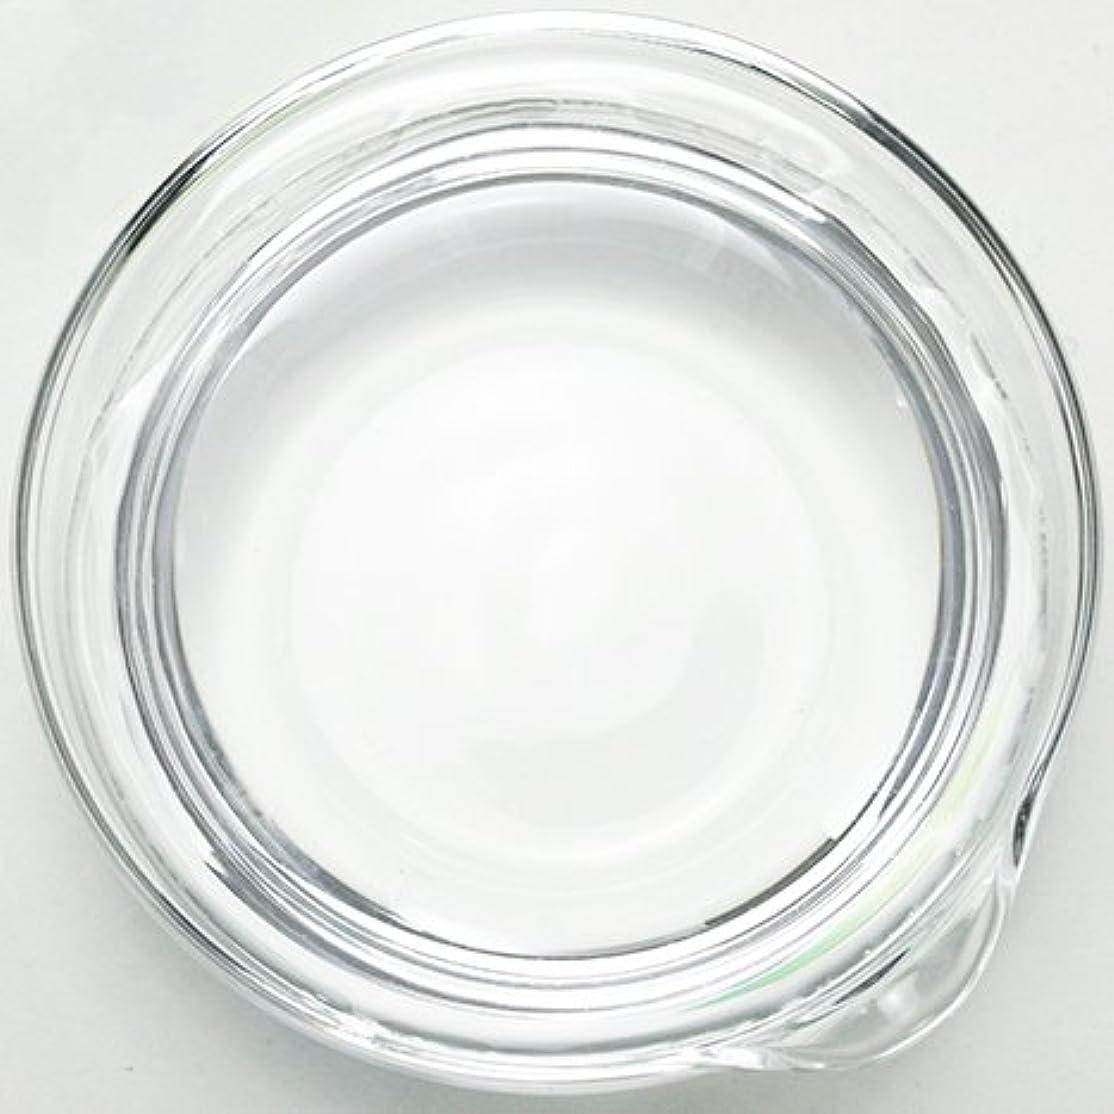 シャックル衣装ペルメル濃グリセリン[植物性] 500ml 【手作り石鹸/手作りコスメ】